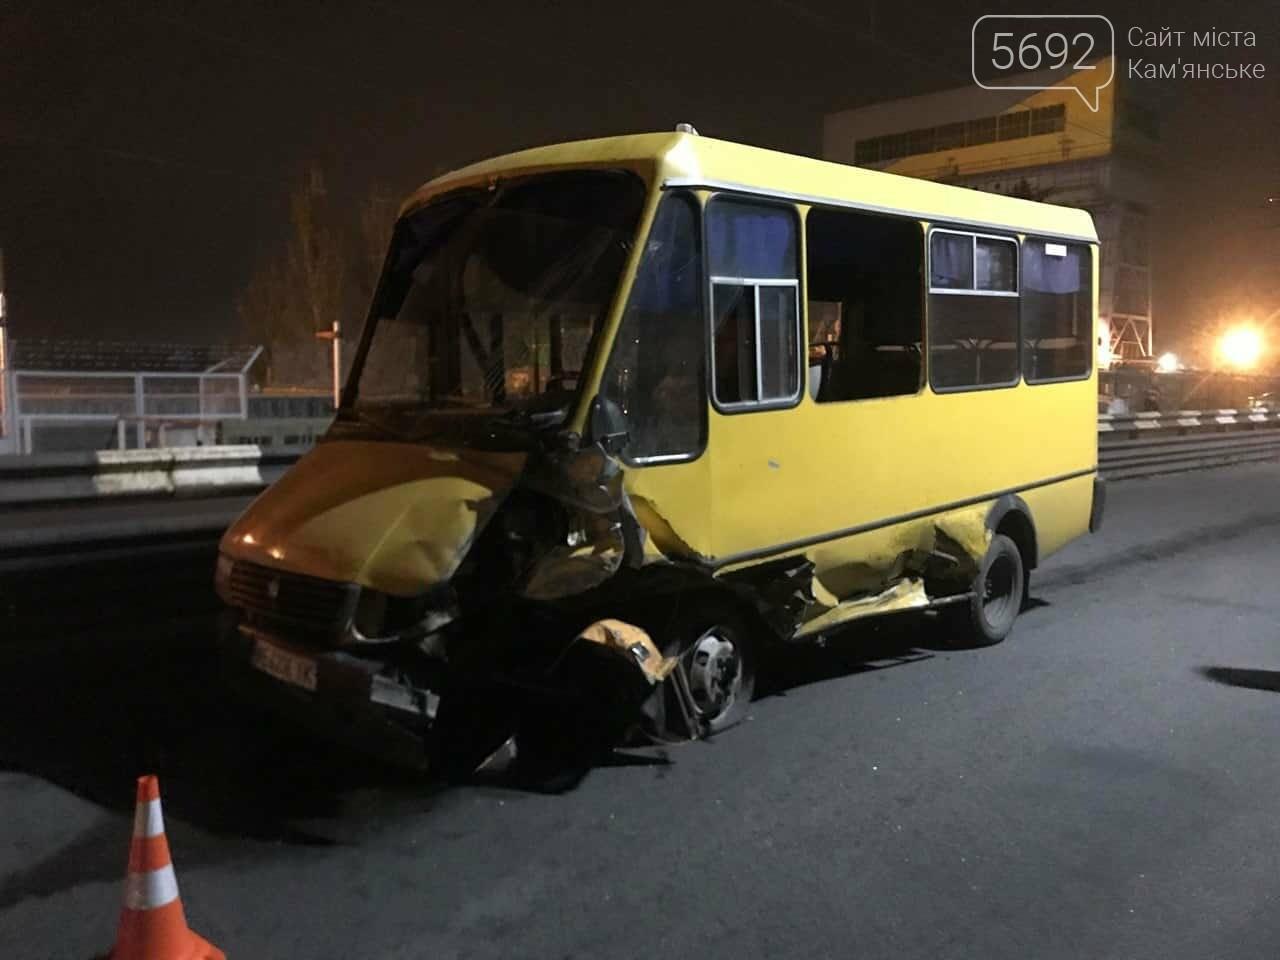 В Каменском на плотине произошло жесткое ДТП: пострадавшего из автомобиля вырезали спасатели, фото-4